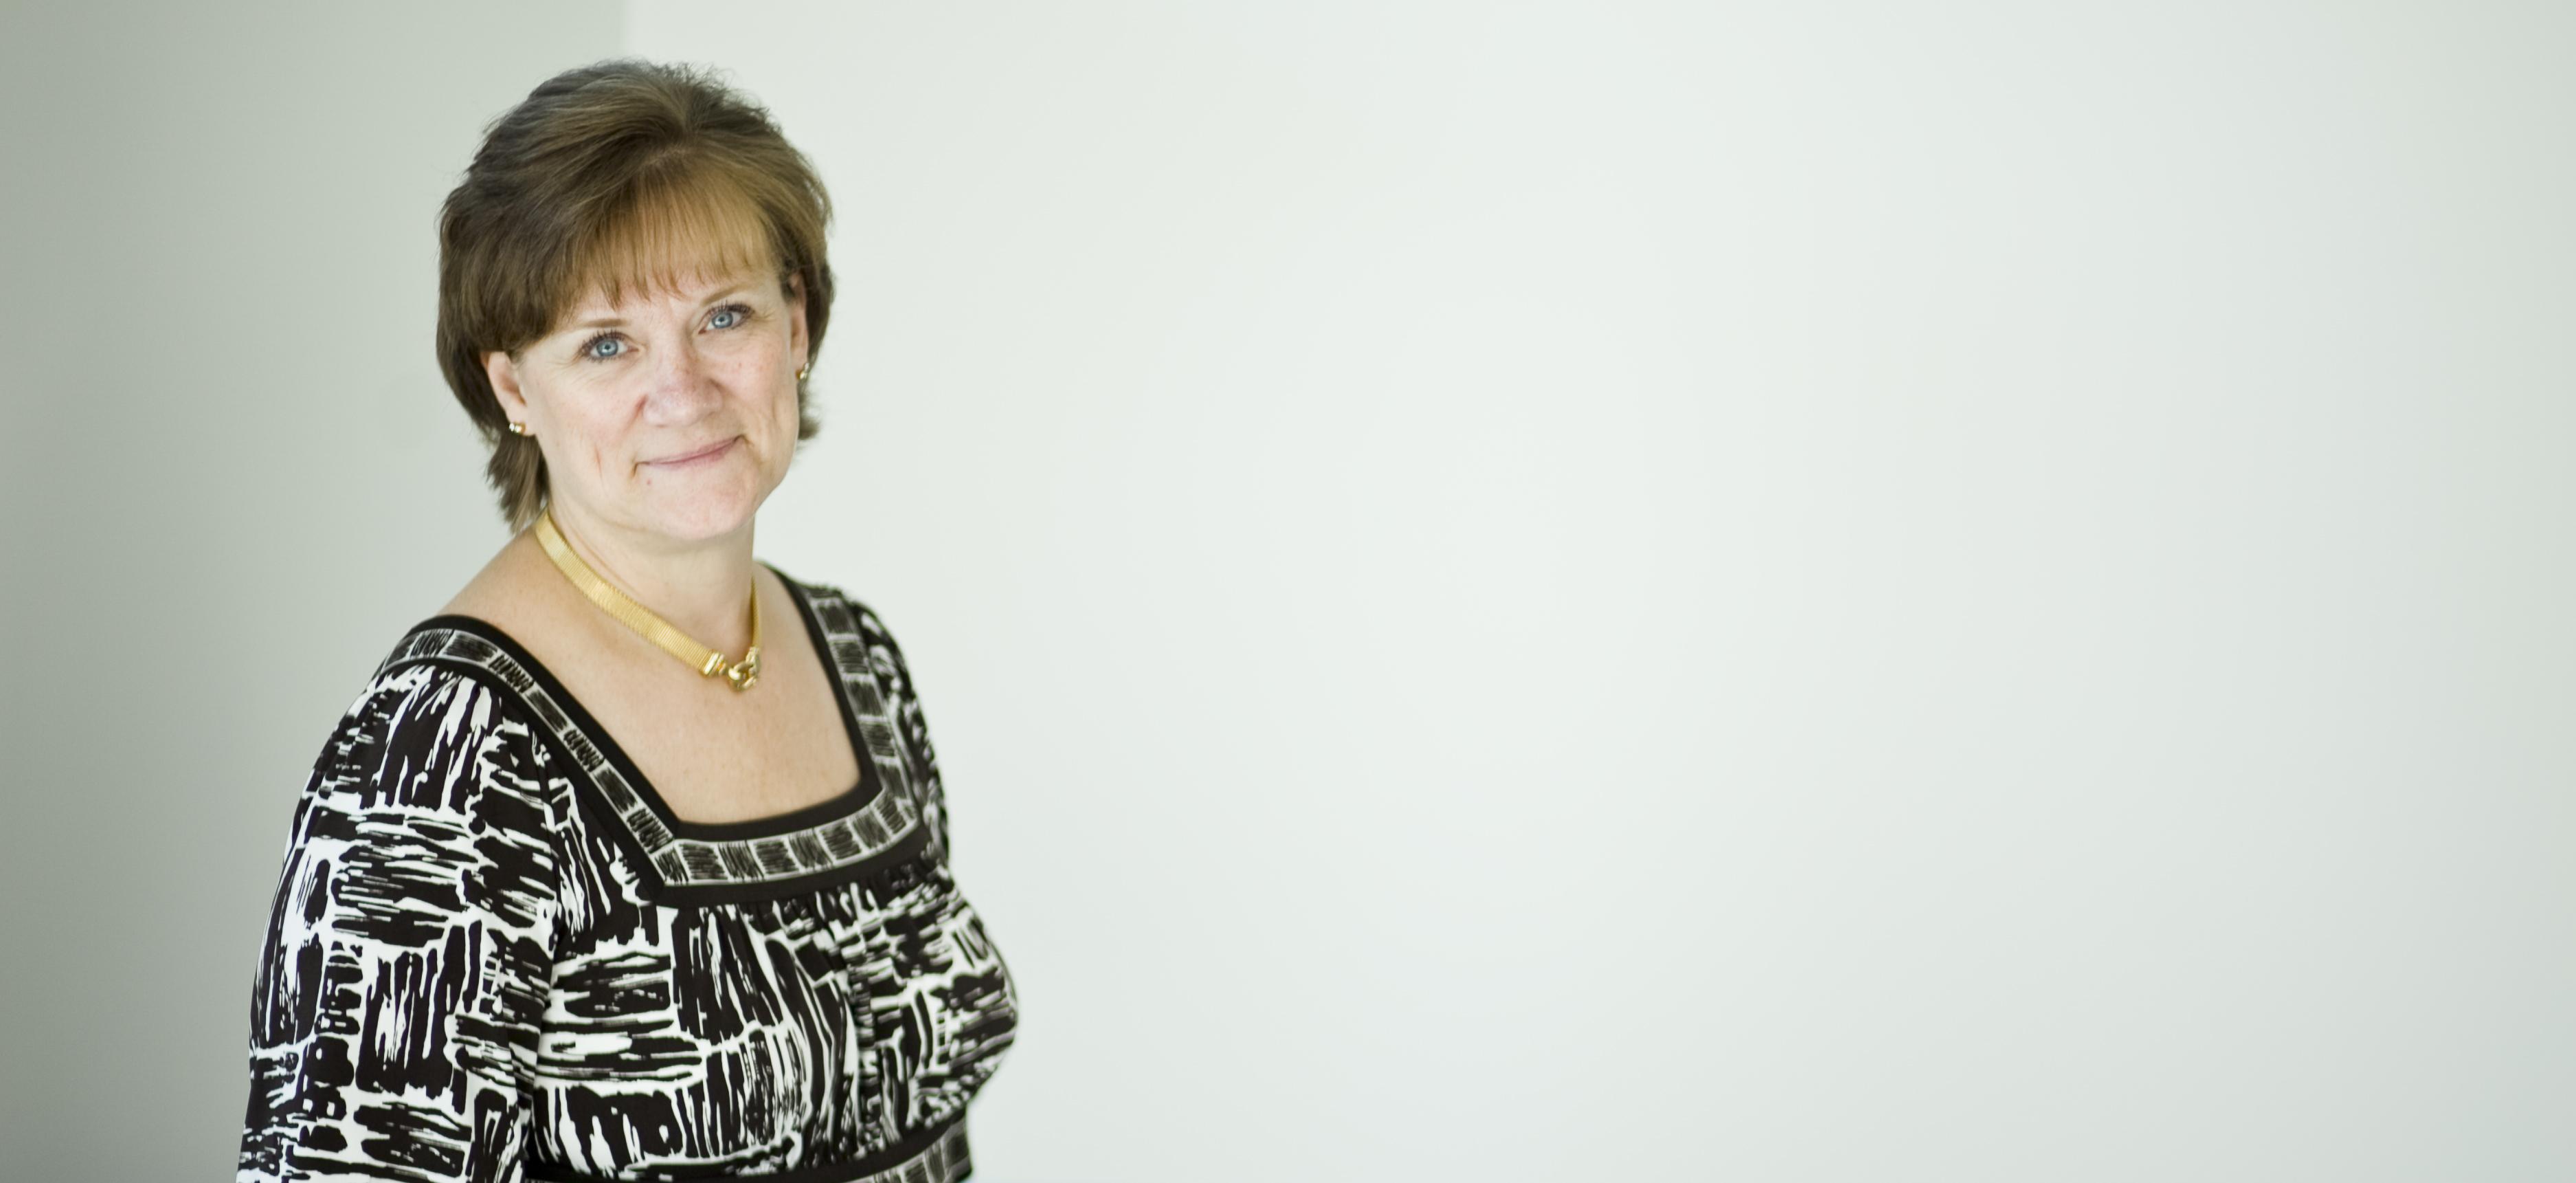 Darlene Harden